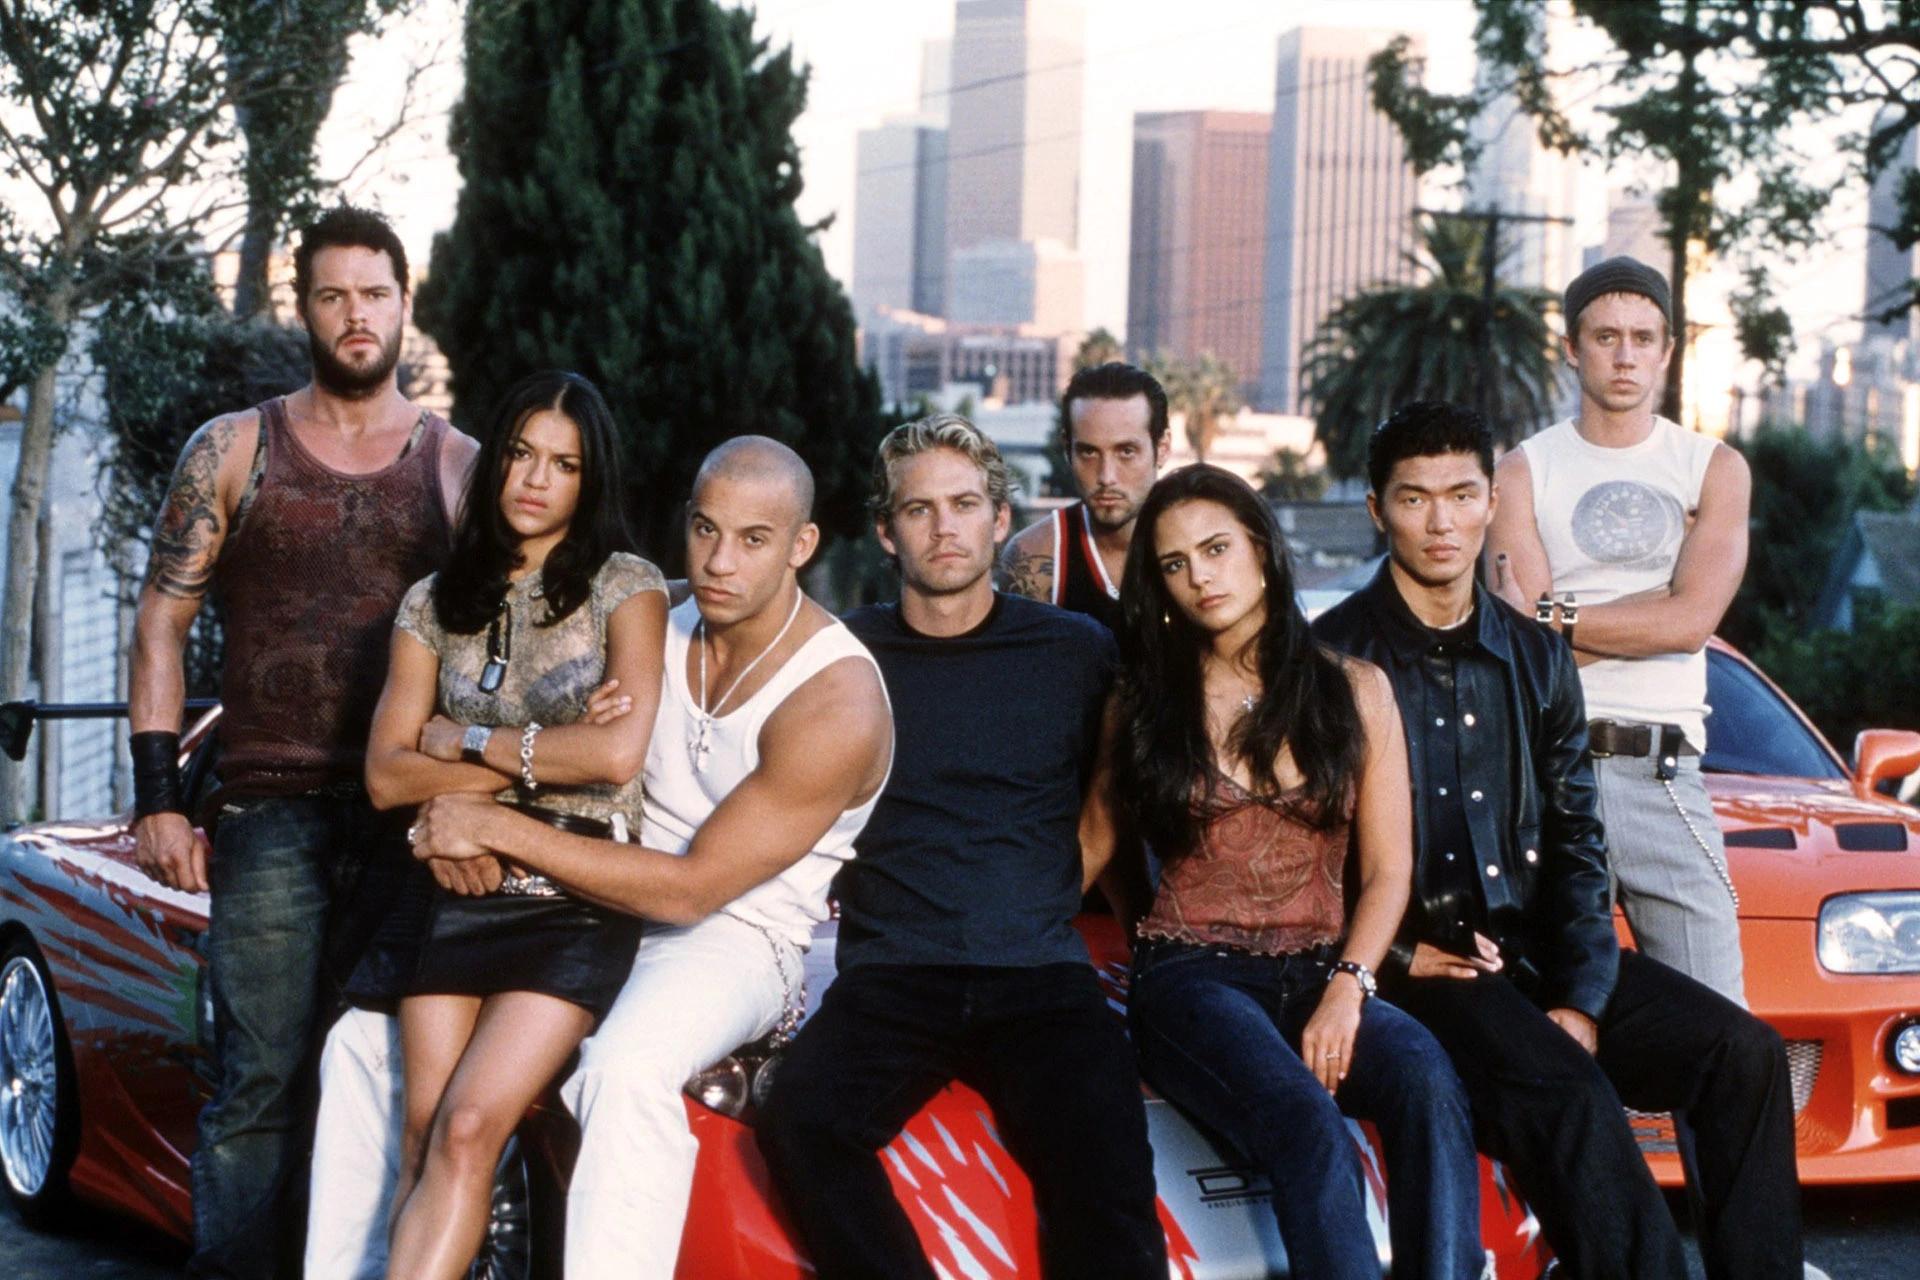 La saga Fast and Furious dirá adiós con dos películas más: el capítulo 10 y 11